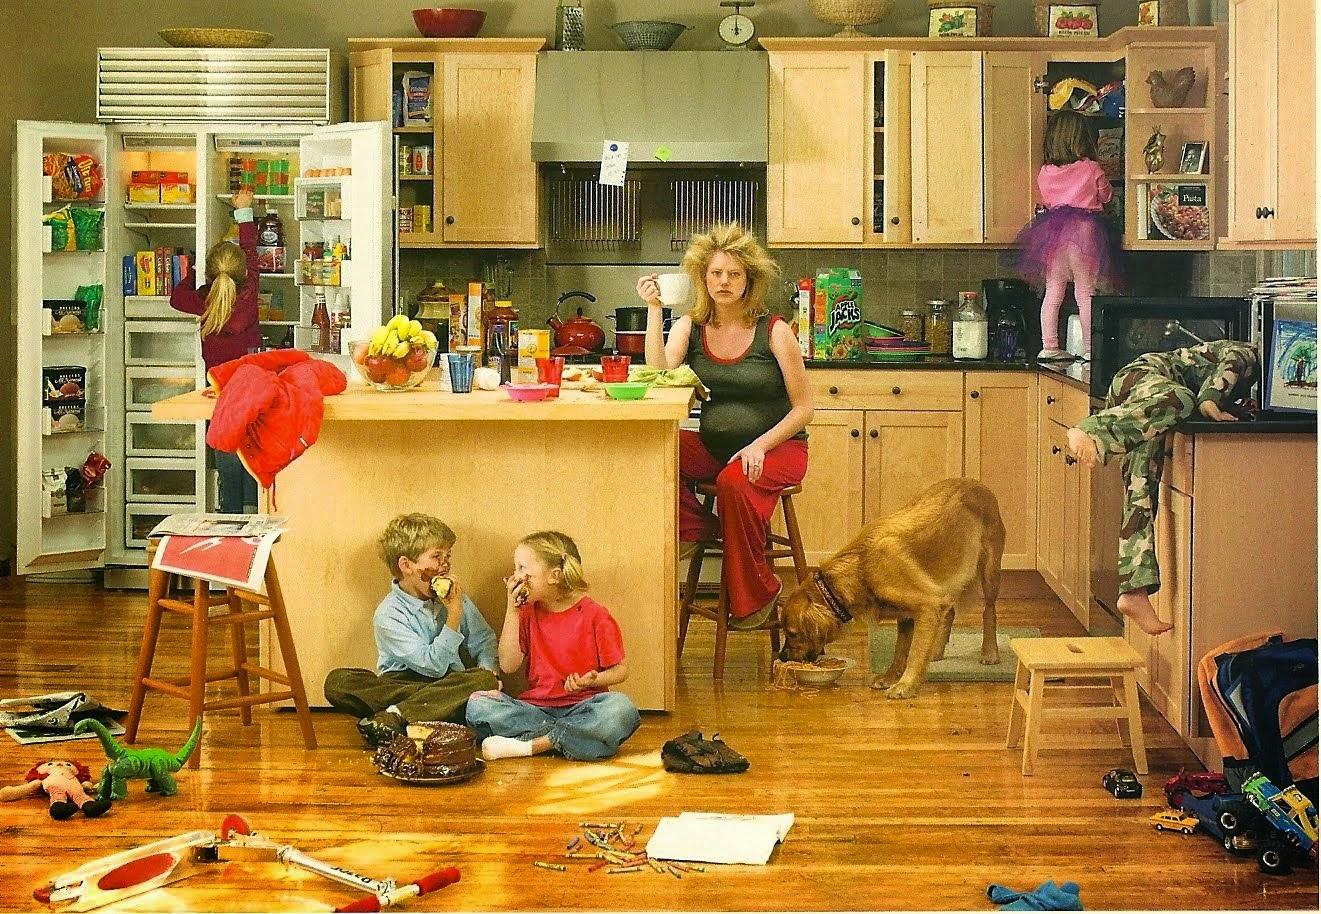 Casa desordenadas por hijos